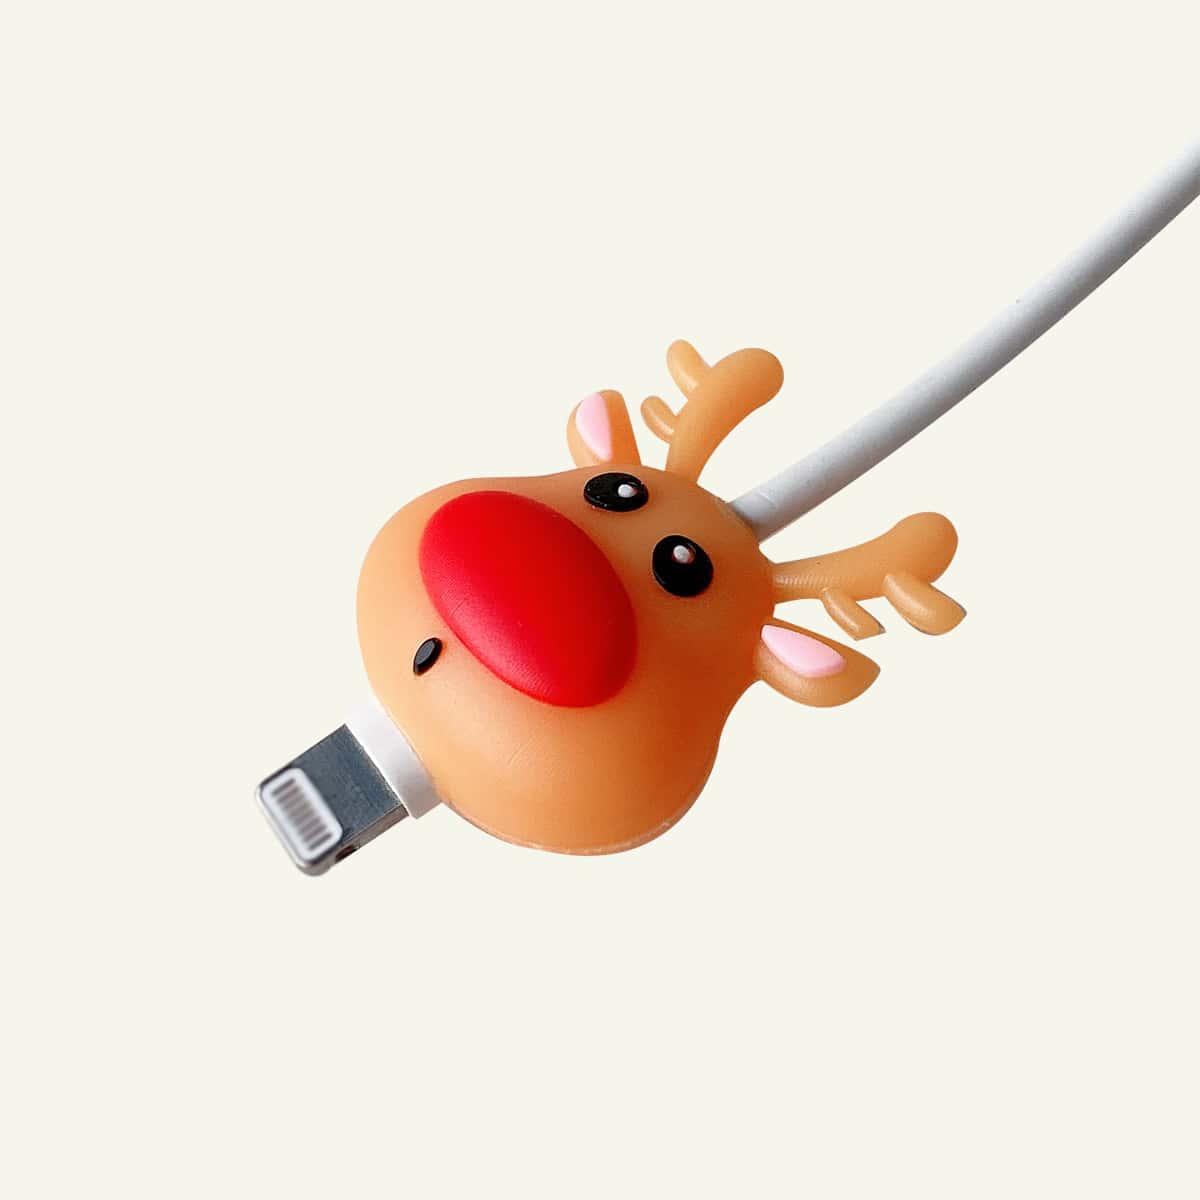 Протектор для кабеля передачи данных в форме оленя